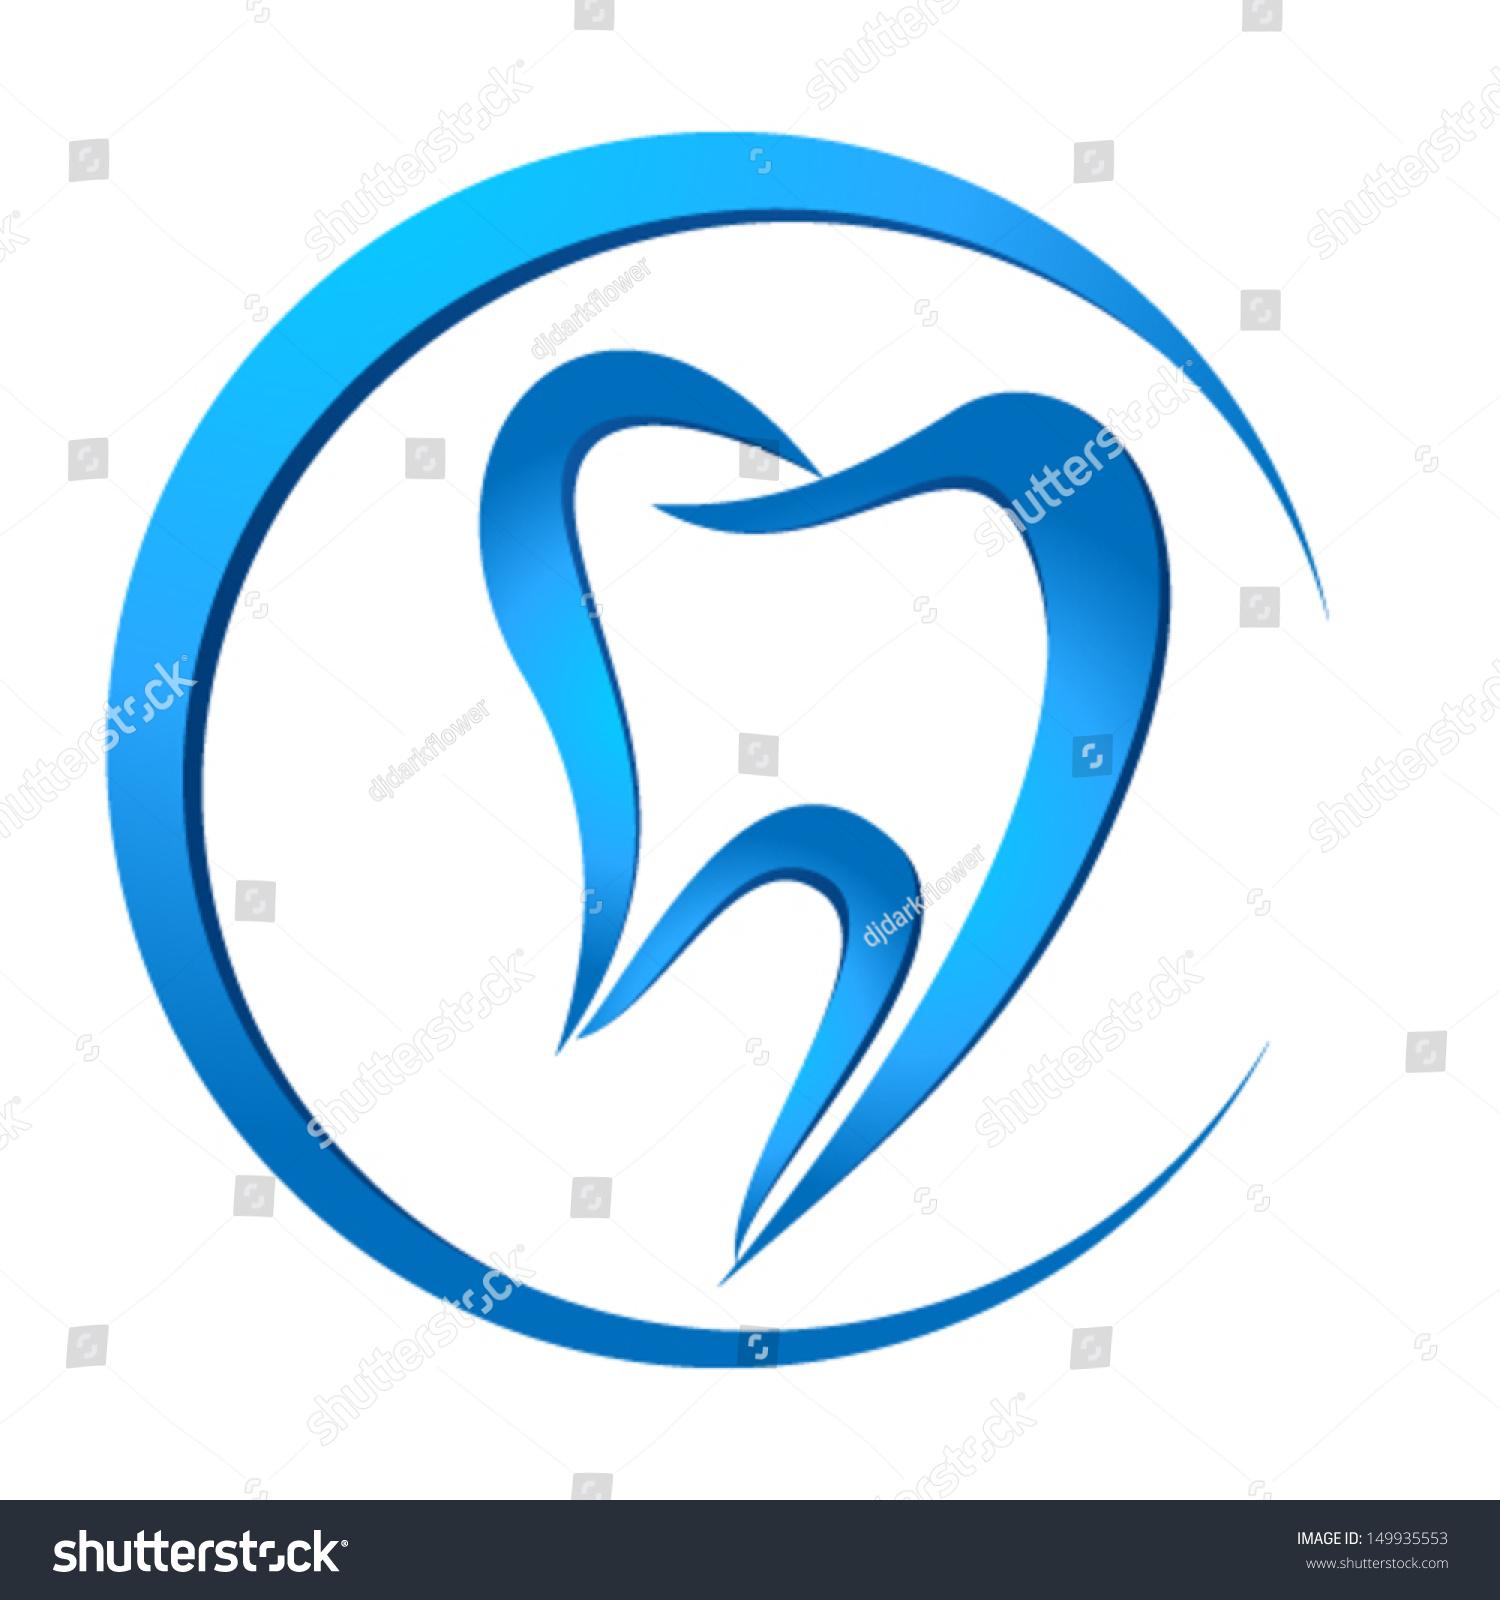 Dental Symbol Stock Vector 149935553 - Shutterstock